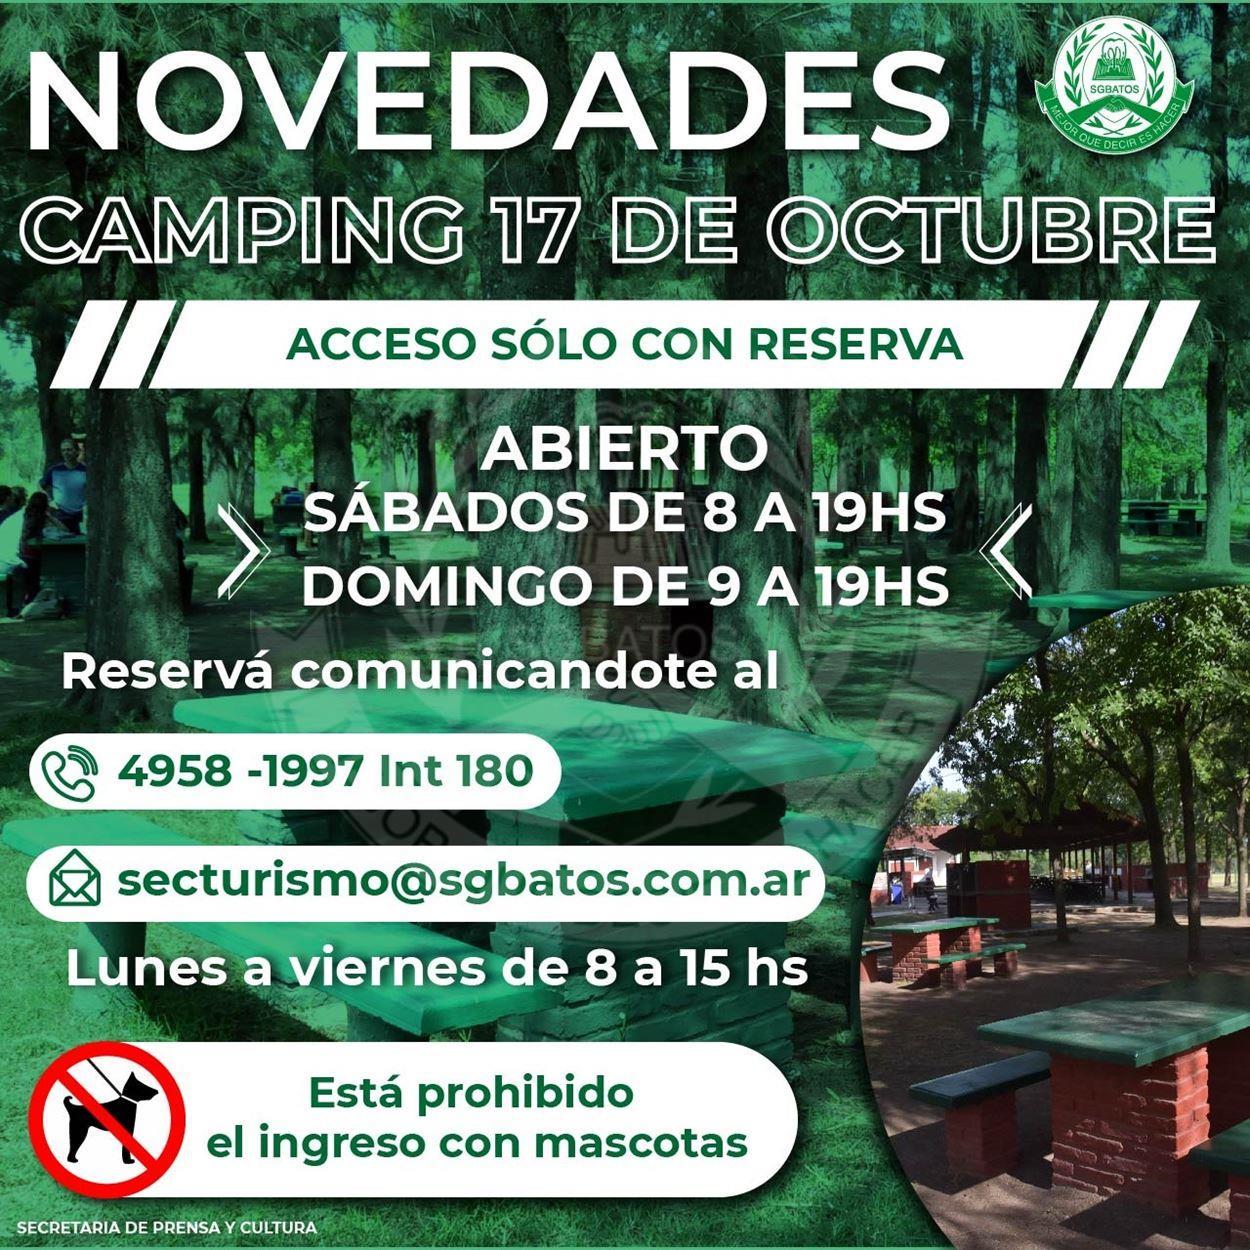 Novedades Camping 17 de Octubre